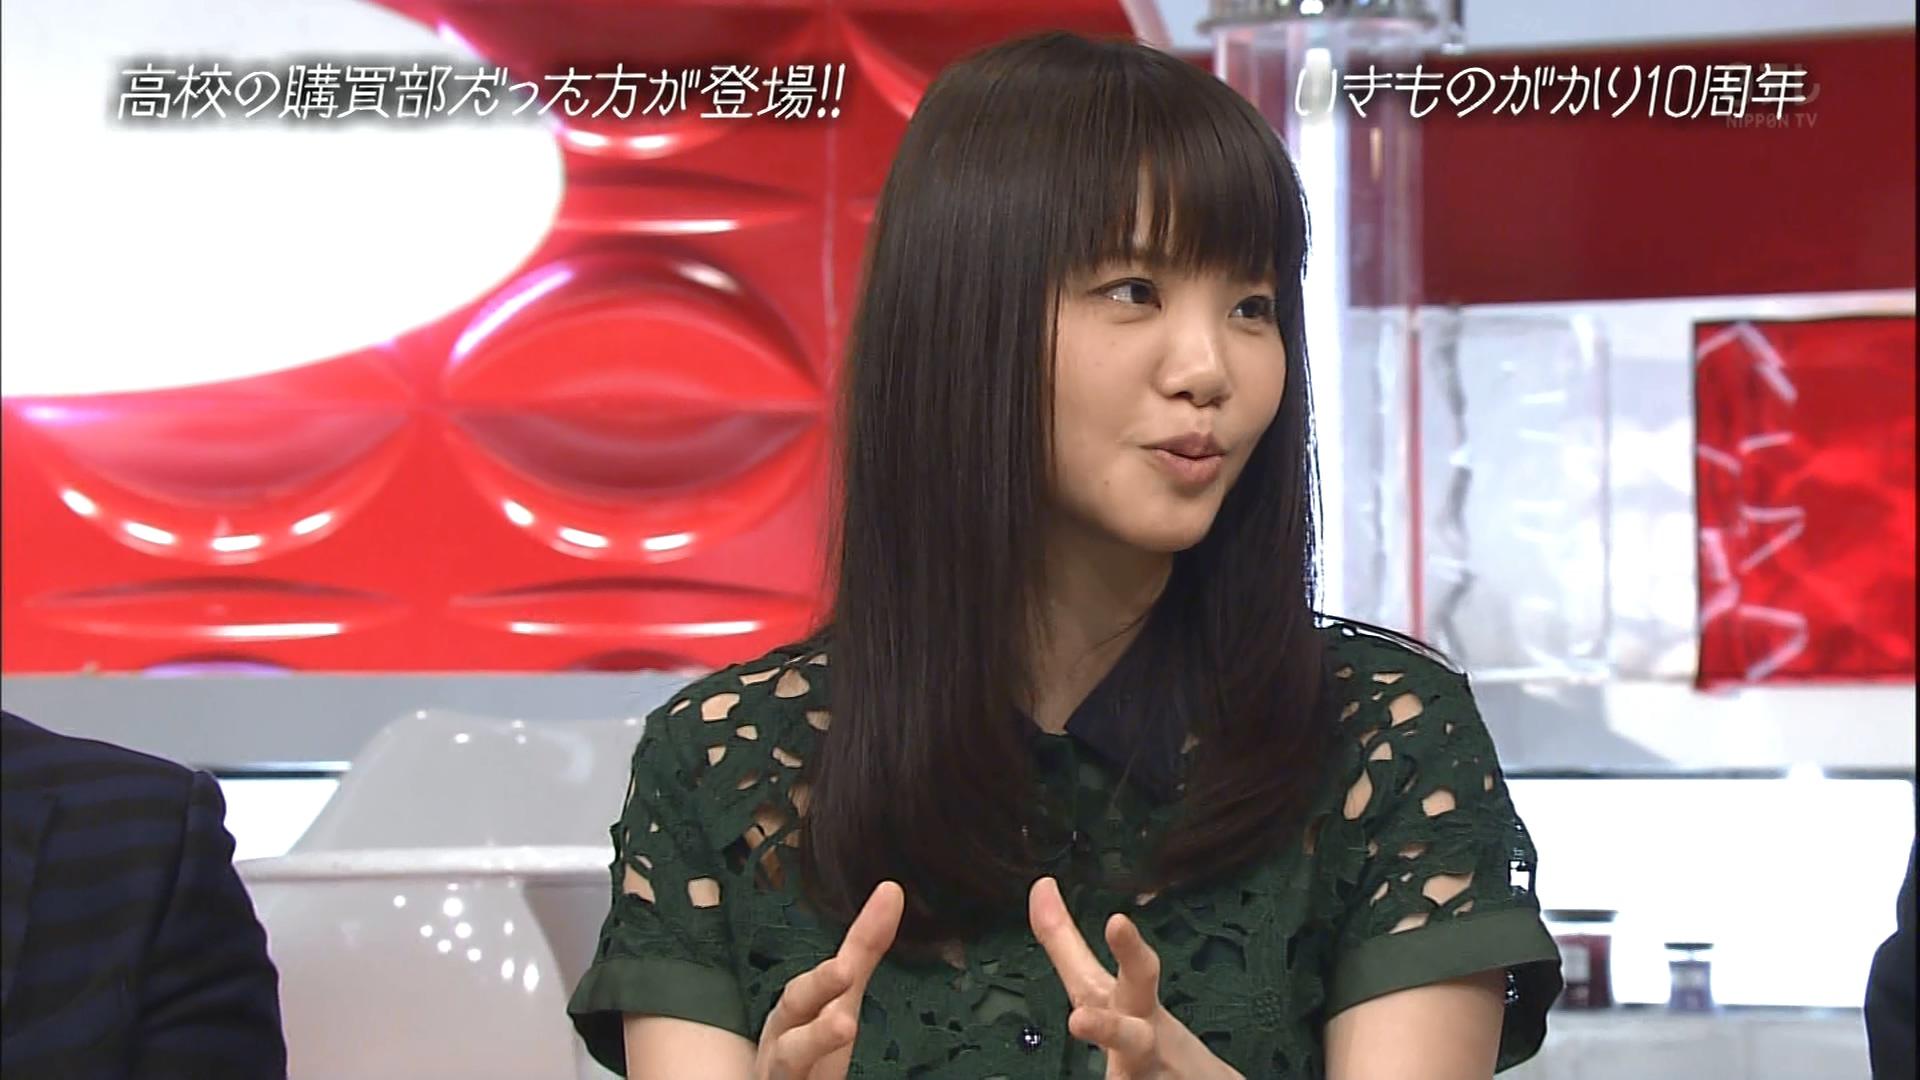 2016.03.13 全場(おしゃれイズム).ts_20160314_003213.110